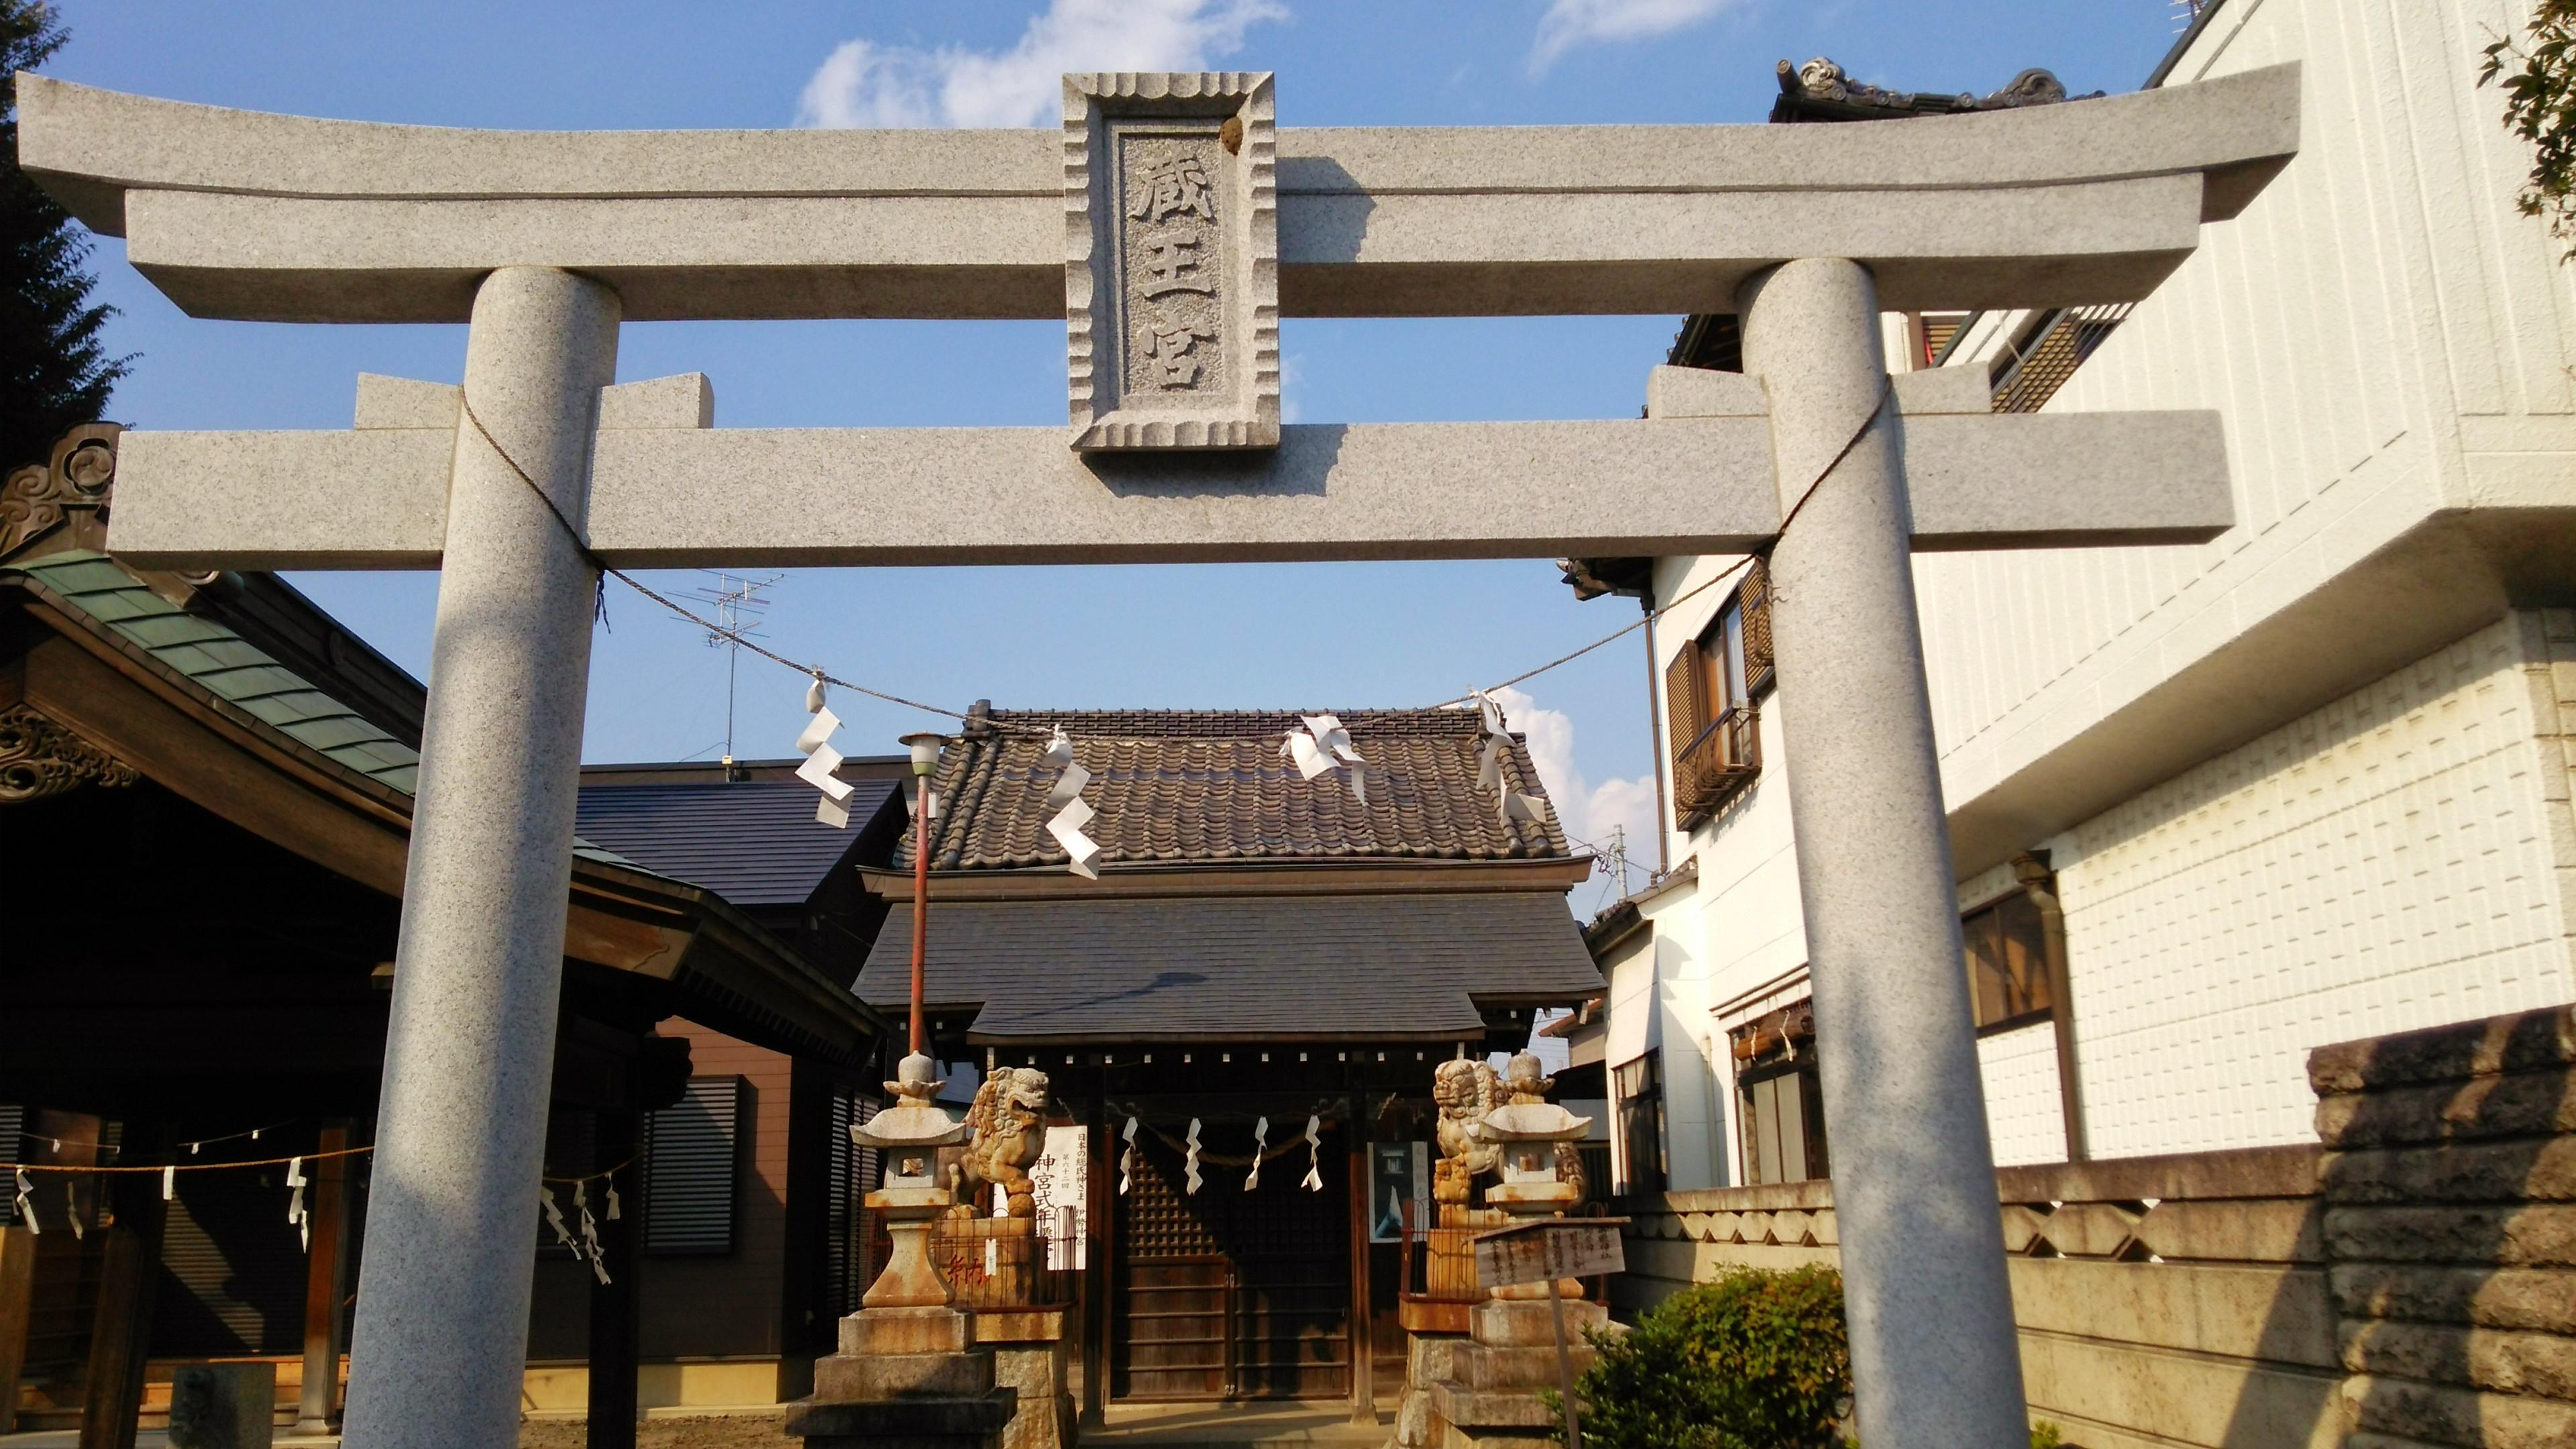 御嶽神社(小児玉稲荷社)の鳥居